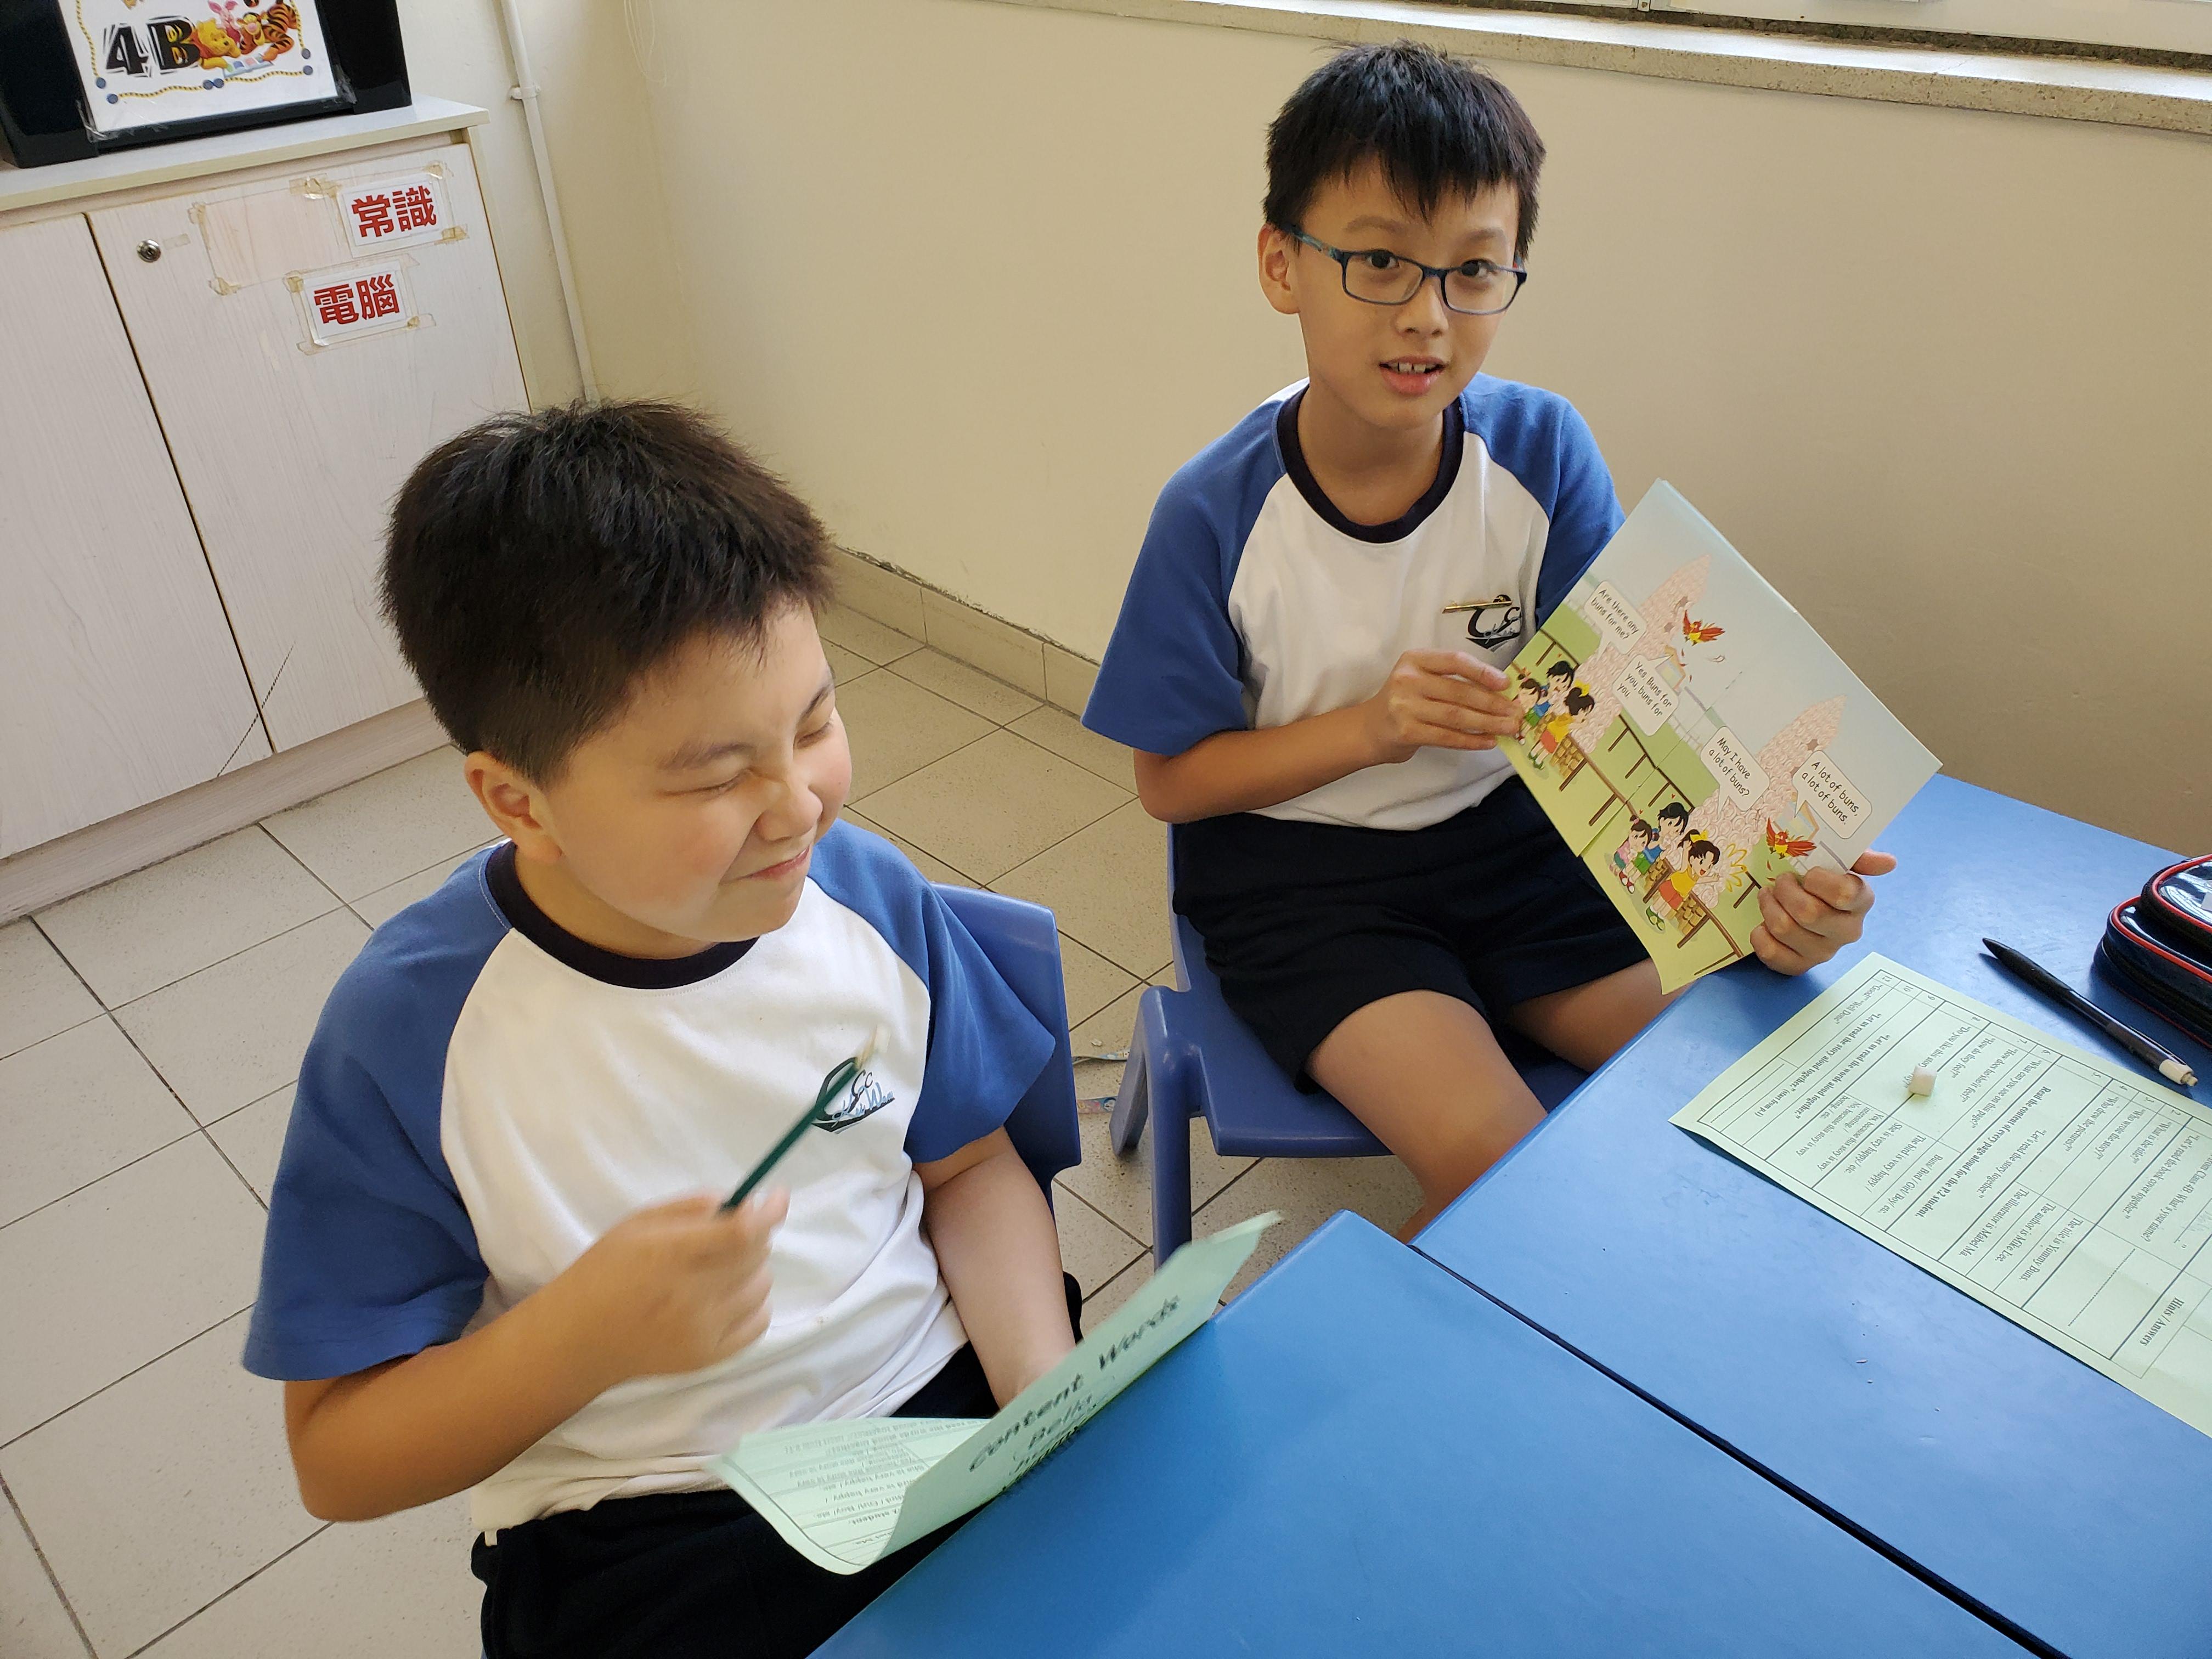 http://www.keiwan.edu.hk/sites/default/files/25_1.jpg